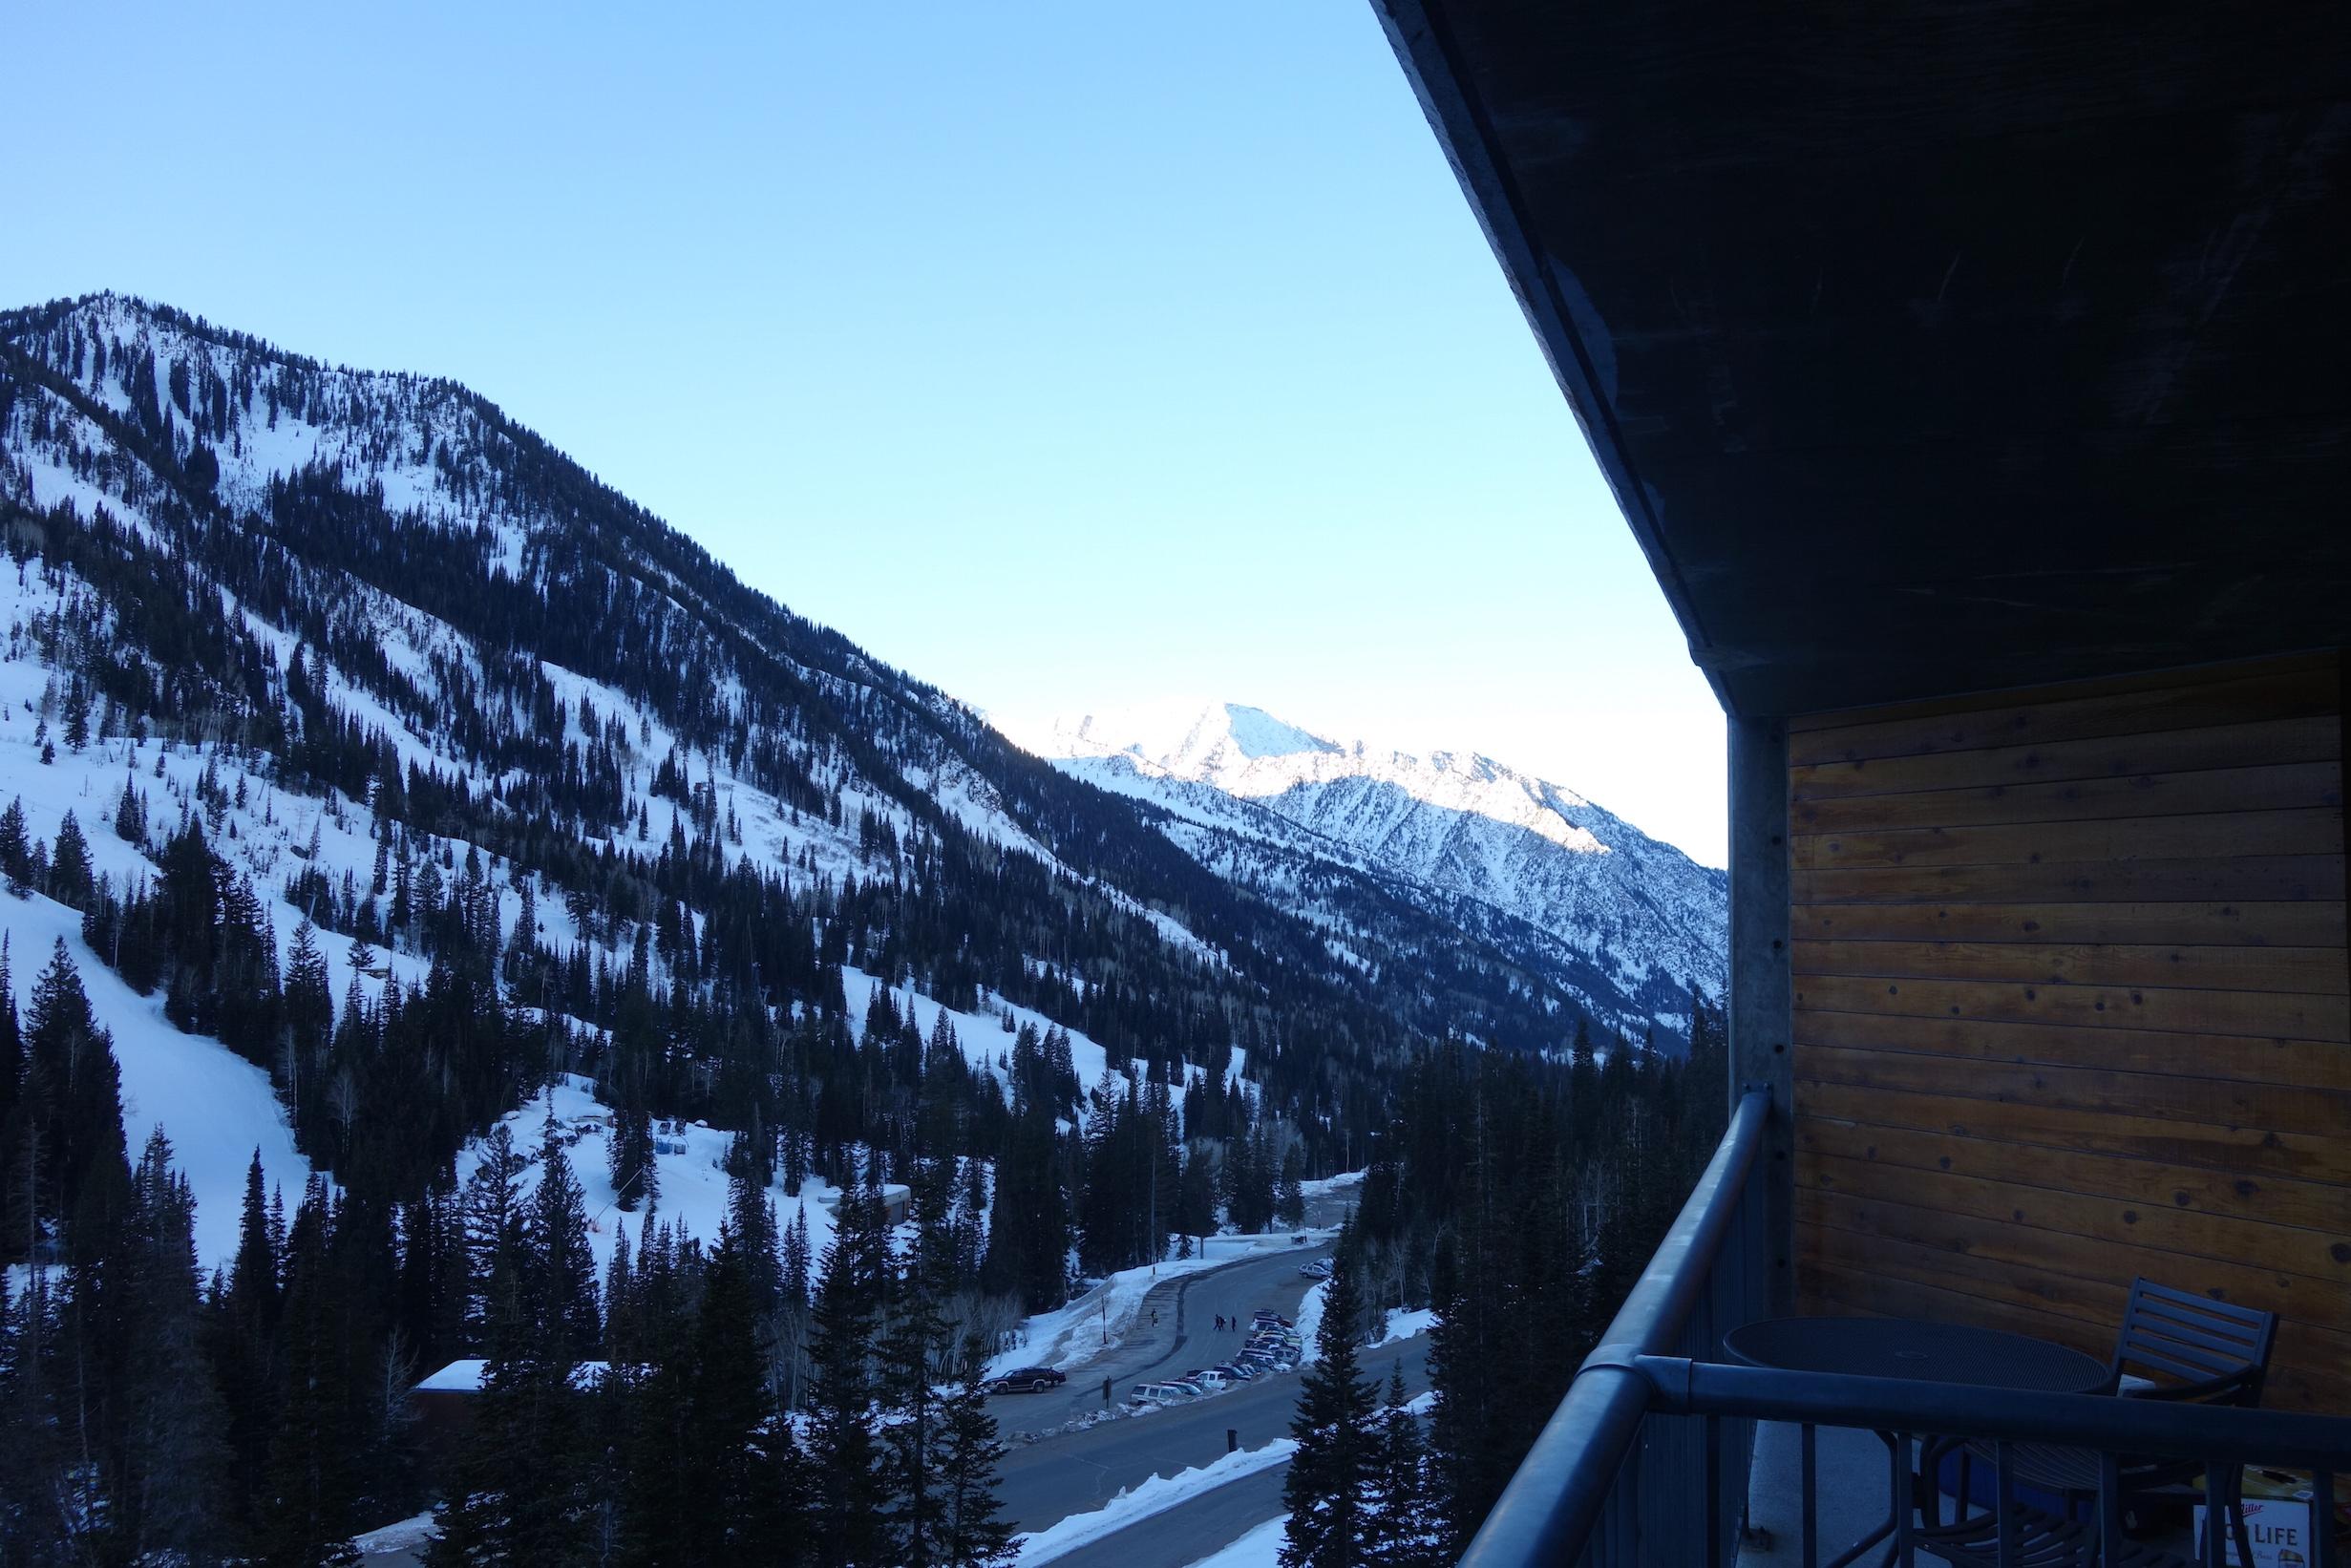 Tidig morgon, utsikt från vår lägenhet vi hyr